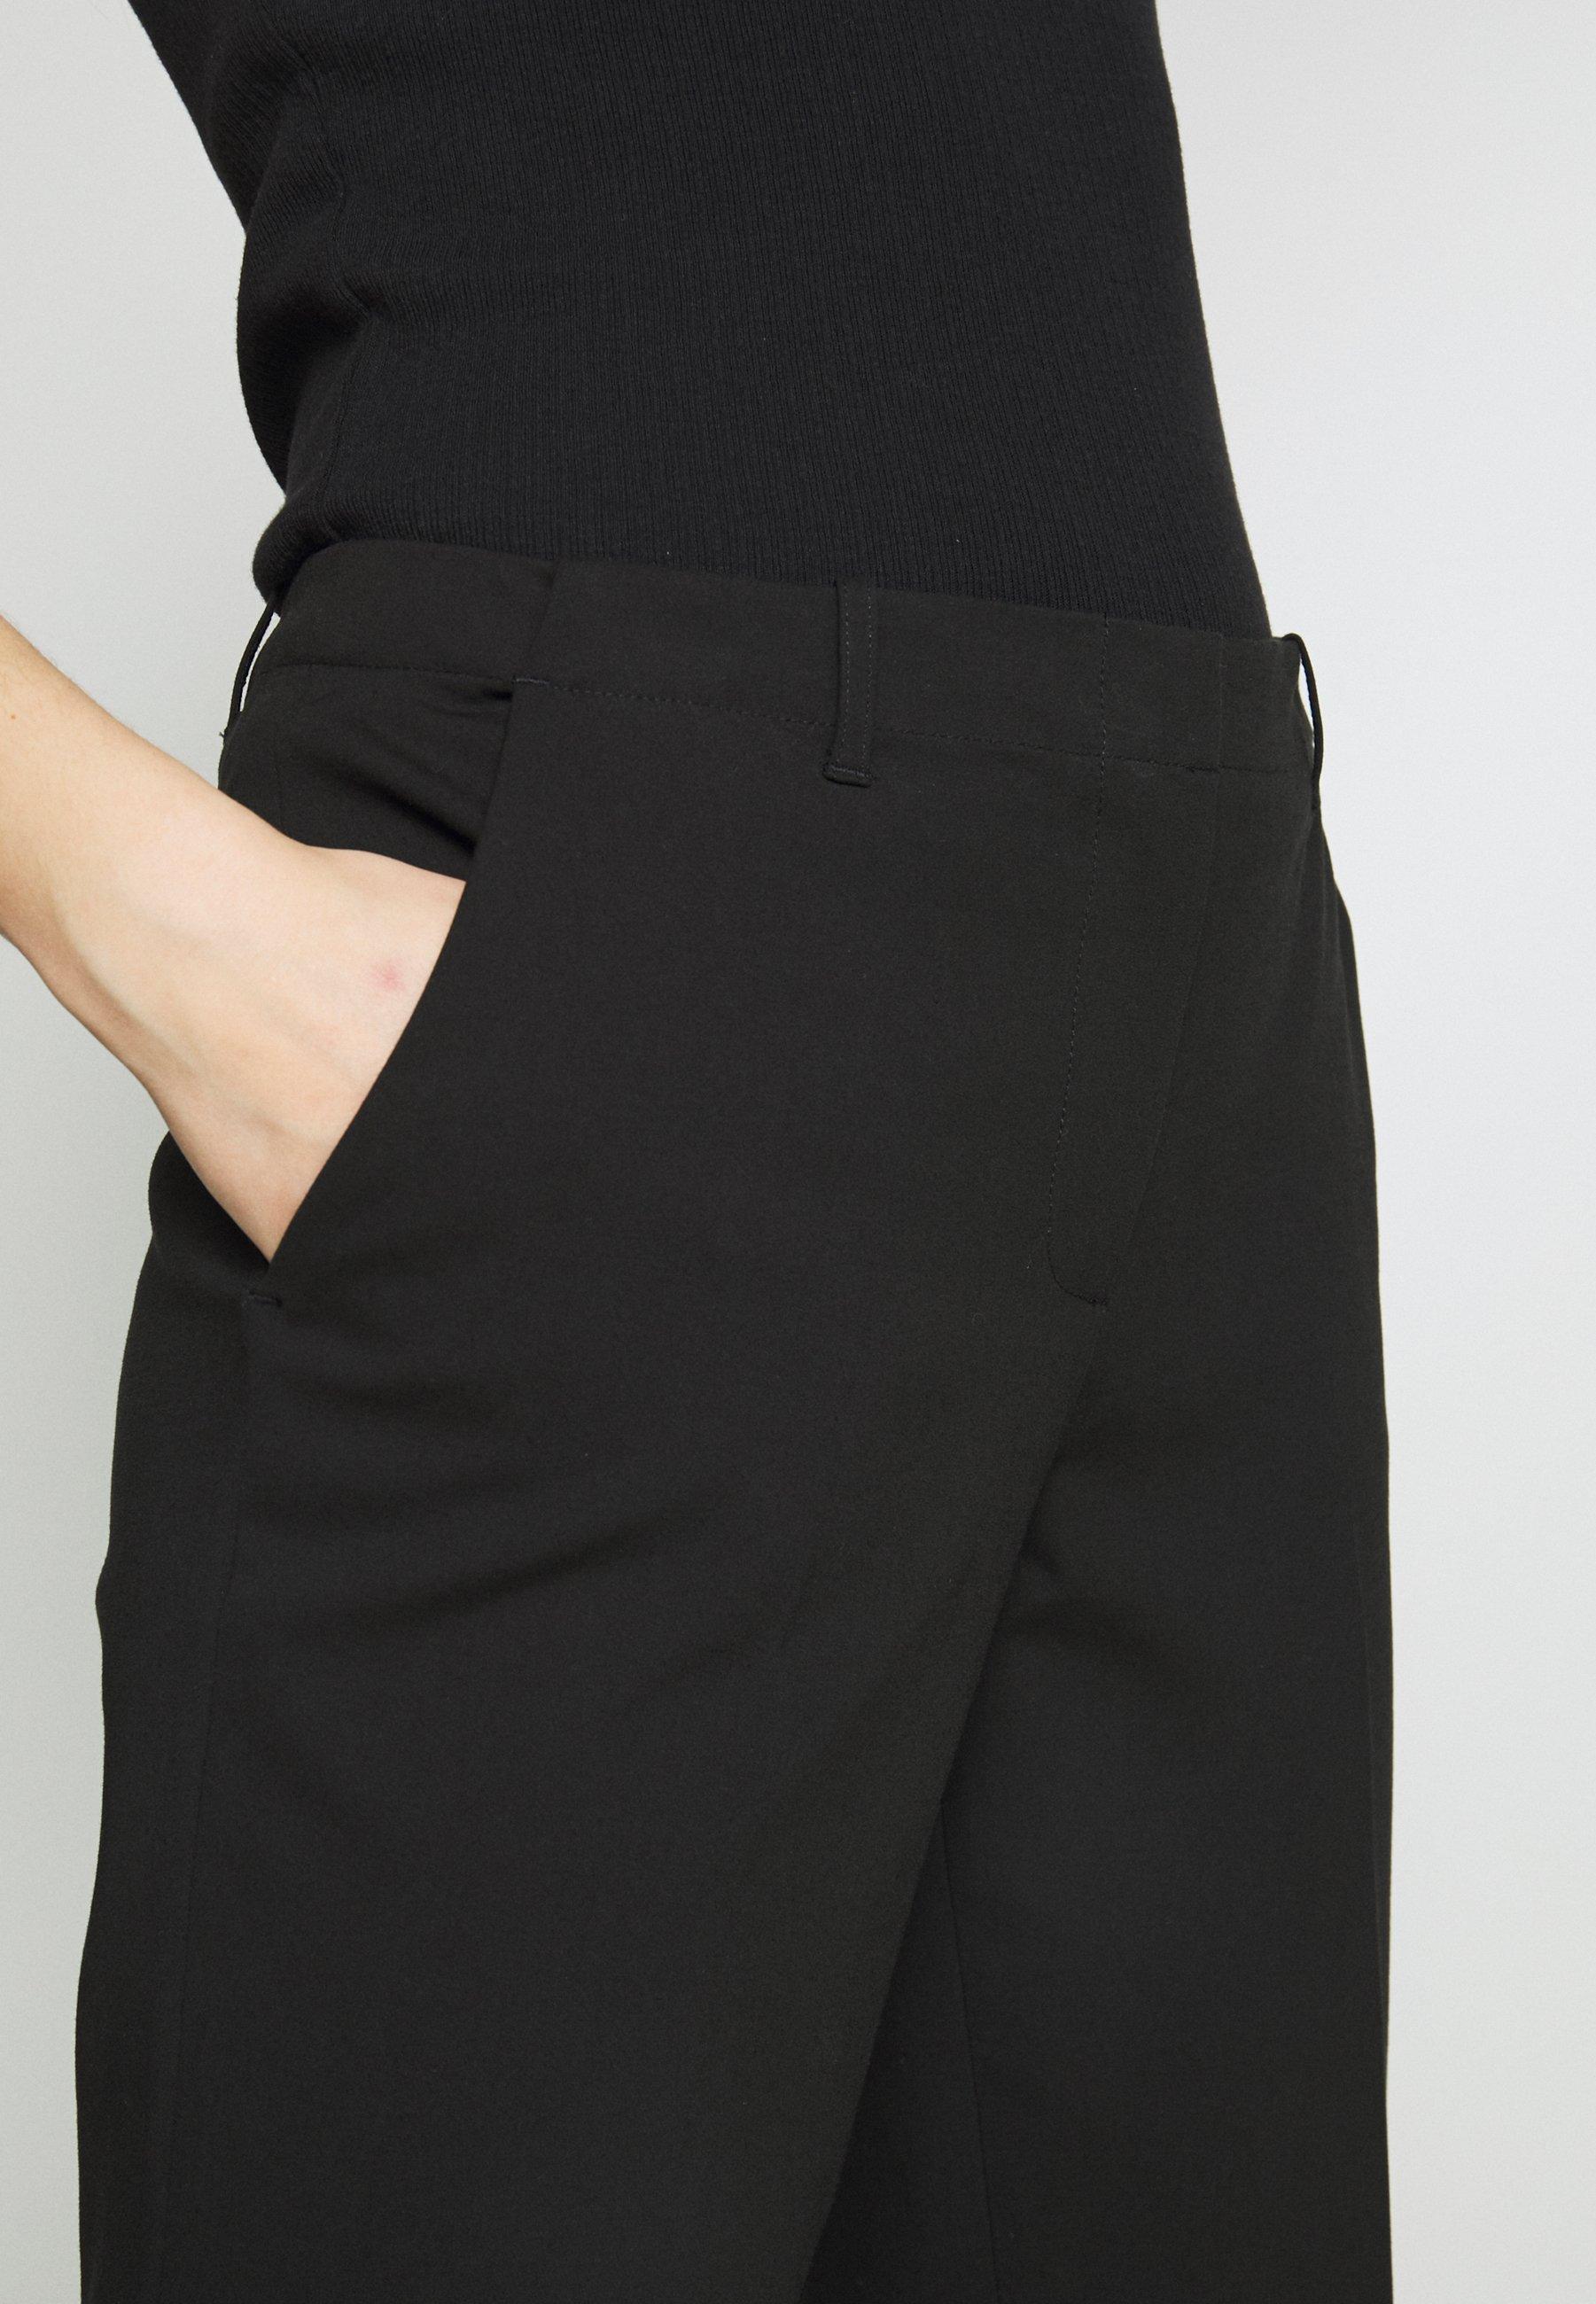 Emporio Armani Trouser - Trousers Black